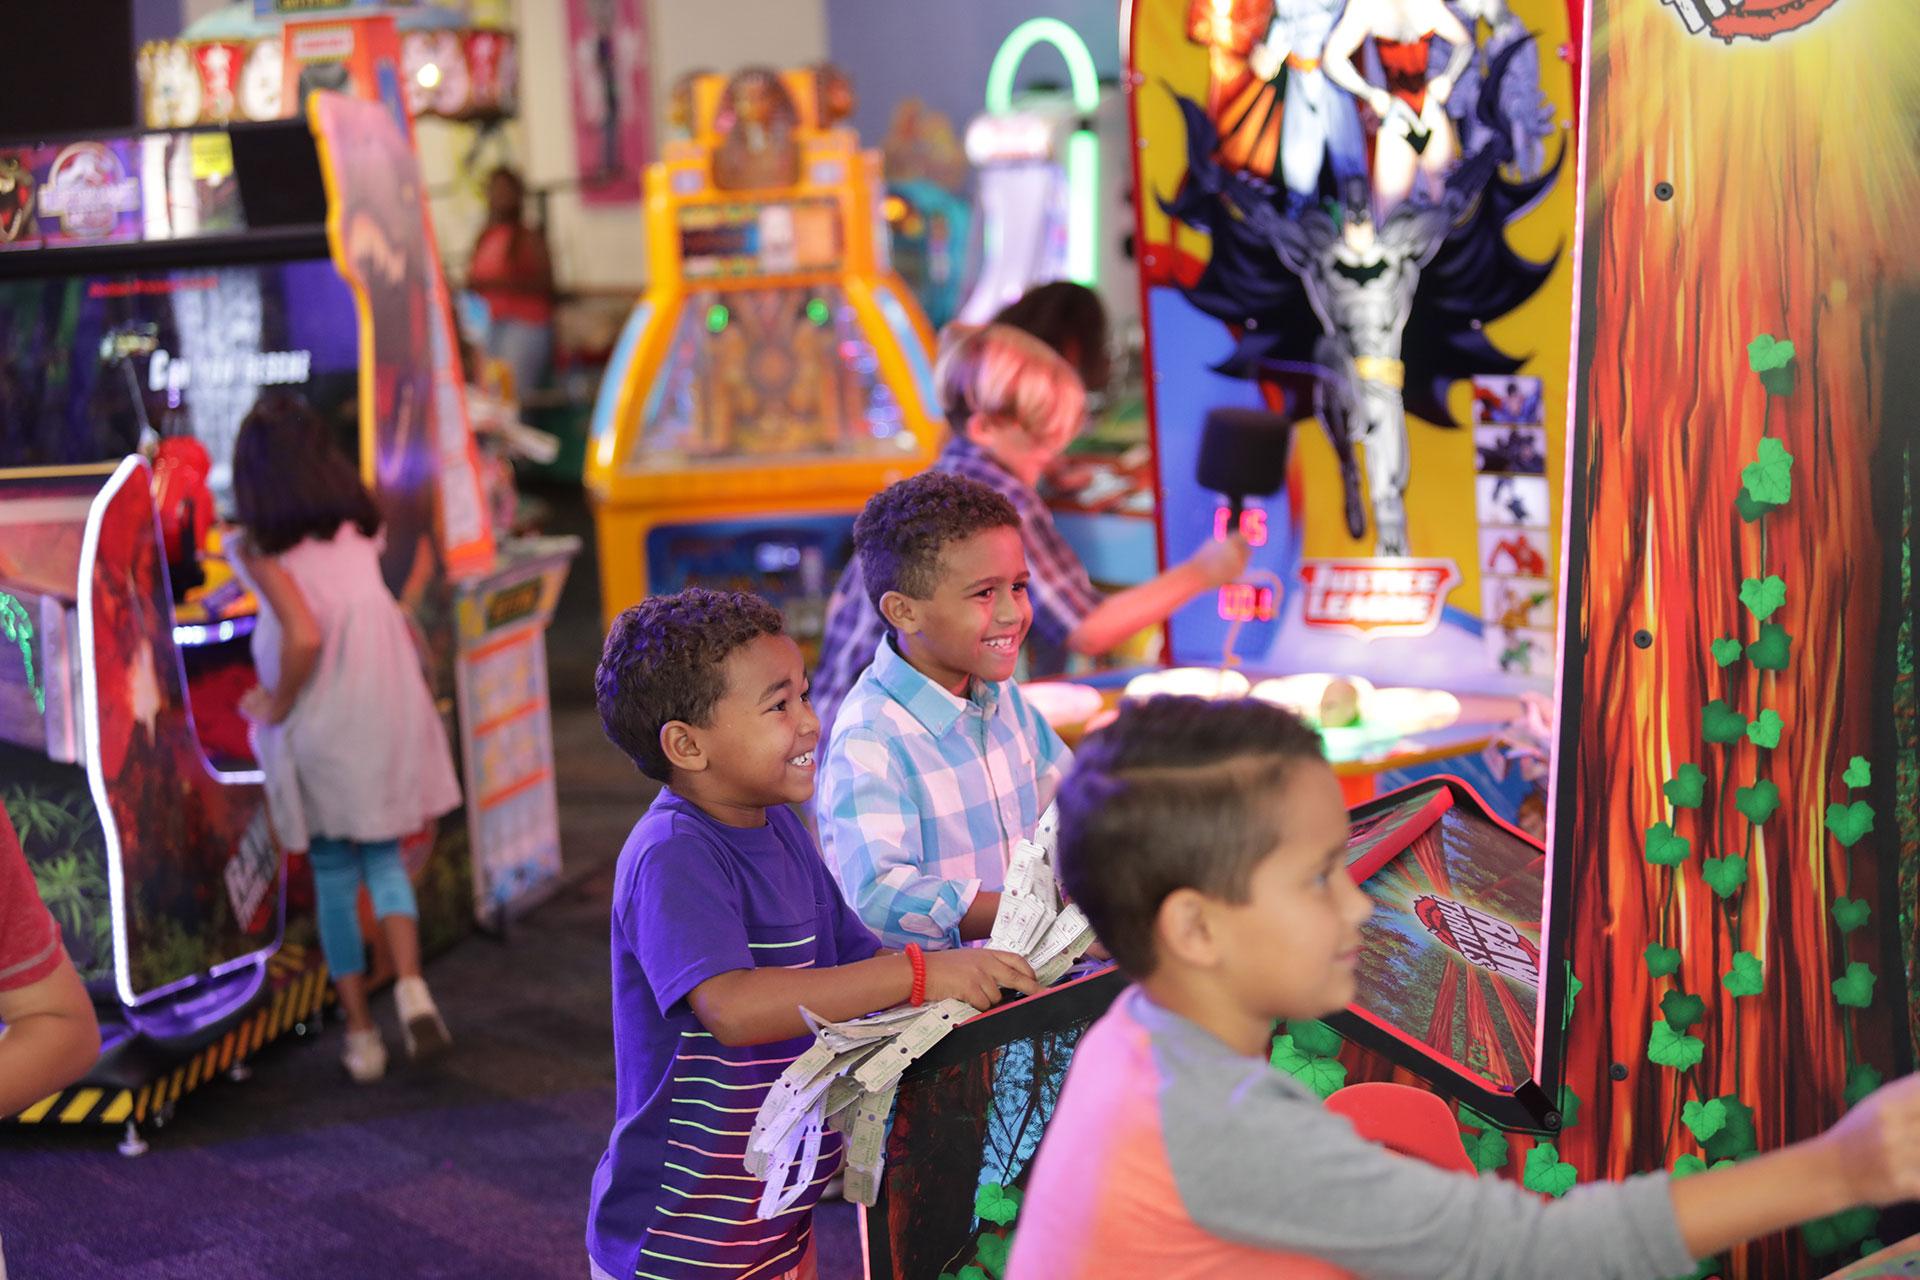 Three kids playing arcade game